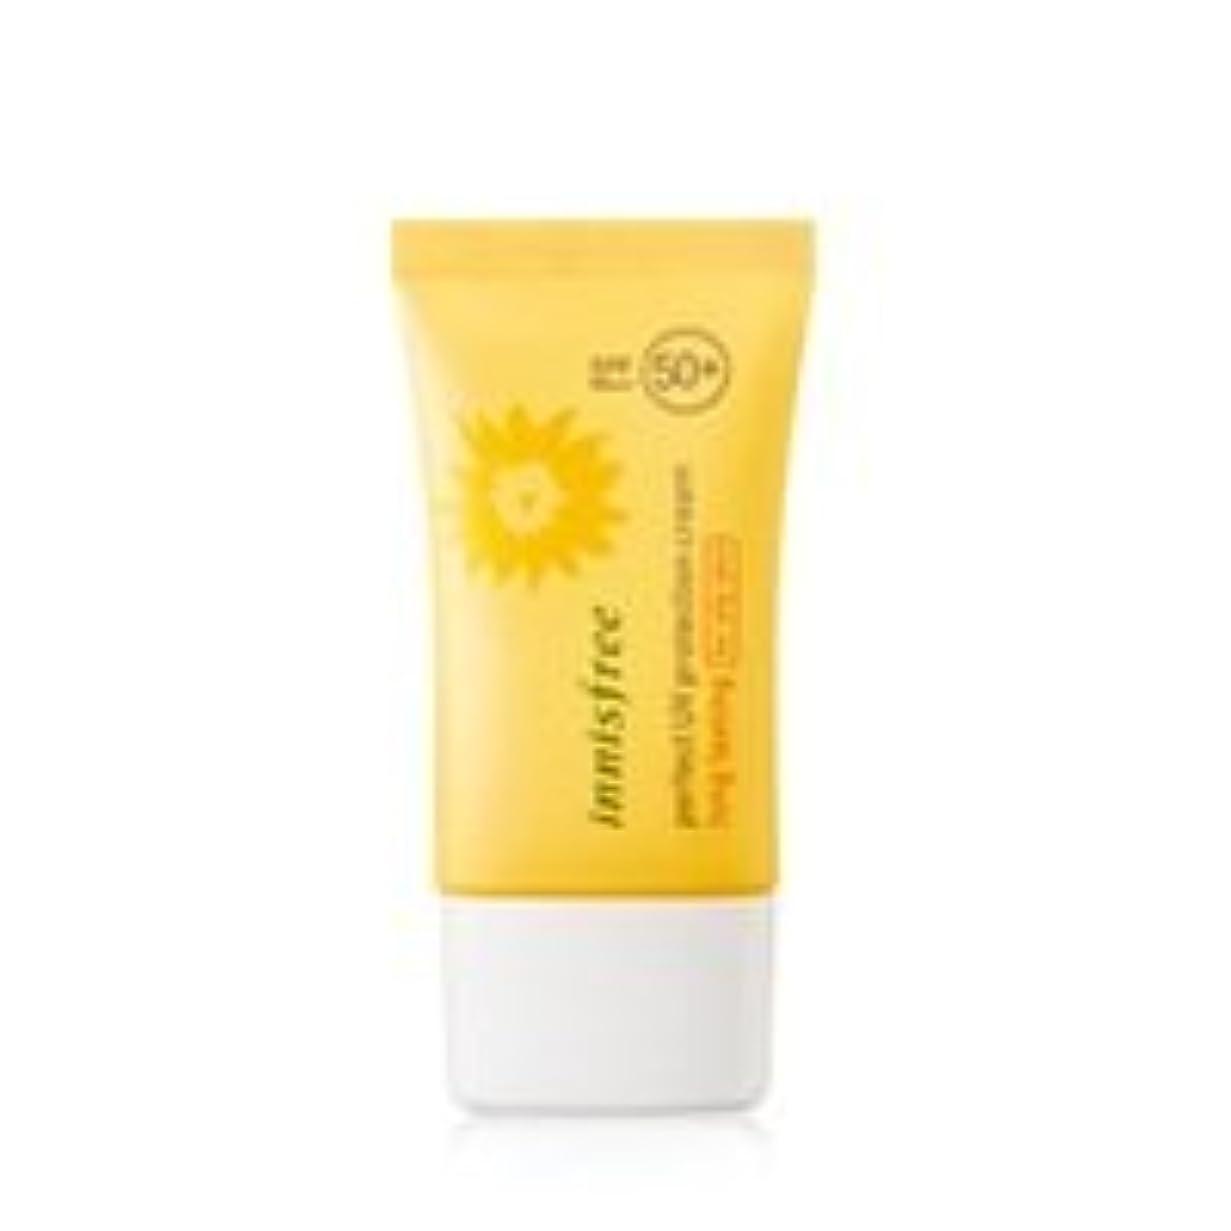 二度メイド赤字[NEW] Innisfree Perfect UV Protection Cream Long Lasting 50ml [FOR OILY SKIN] イニスフリー パーフェクトUVプロテクションクリーム ロングラスティング...